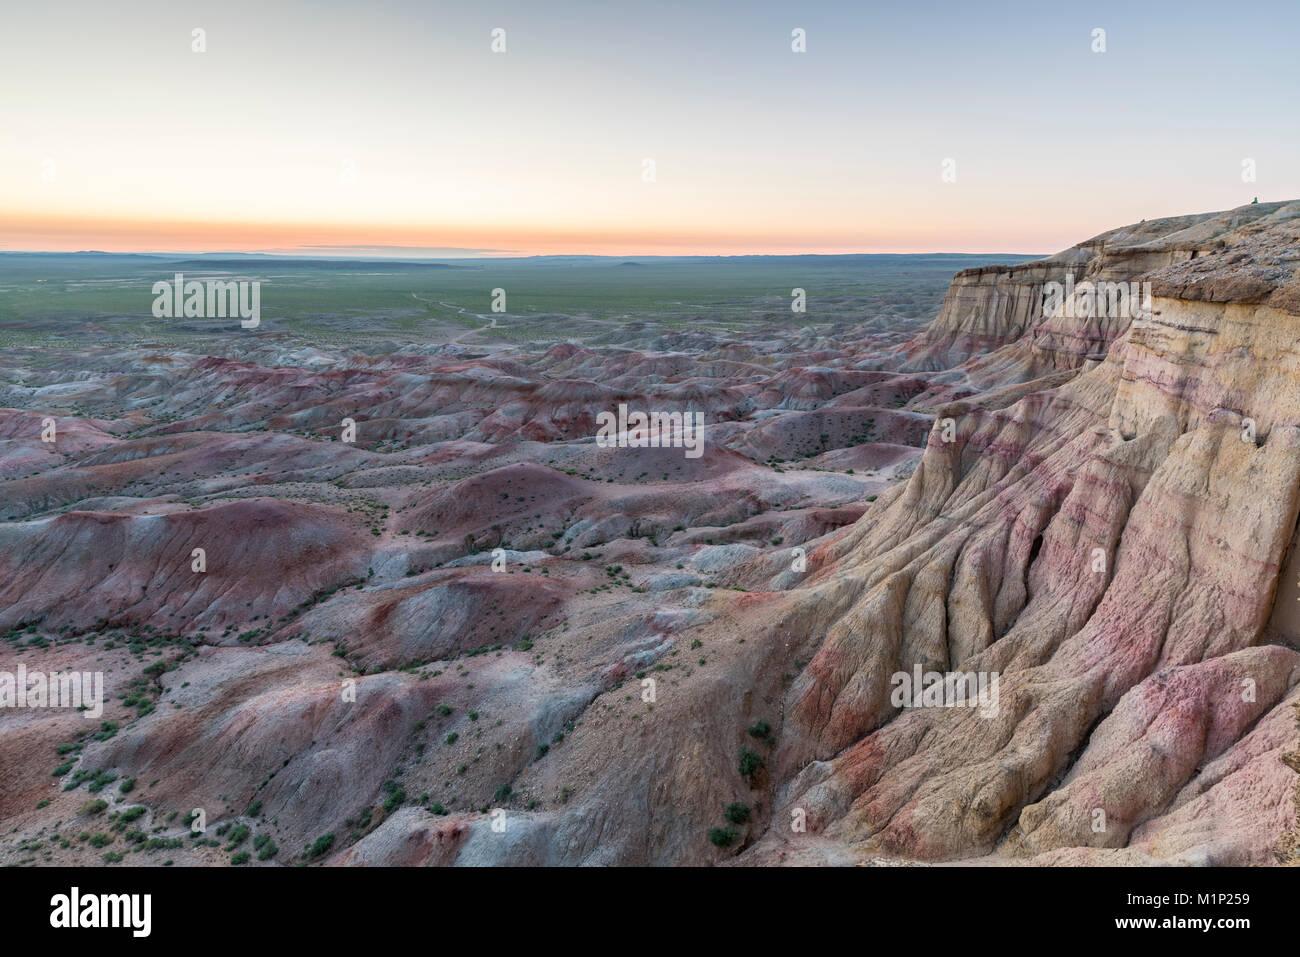 Weiße Stupa sedimentären Gesteinen in der Dämmerung, Ulziit, Mitte der Provinz Gobi, Mongolei, Zentralasien, Stockbild